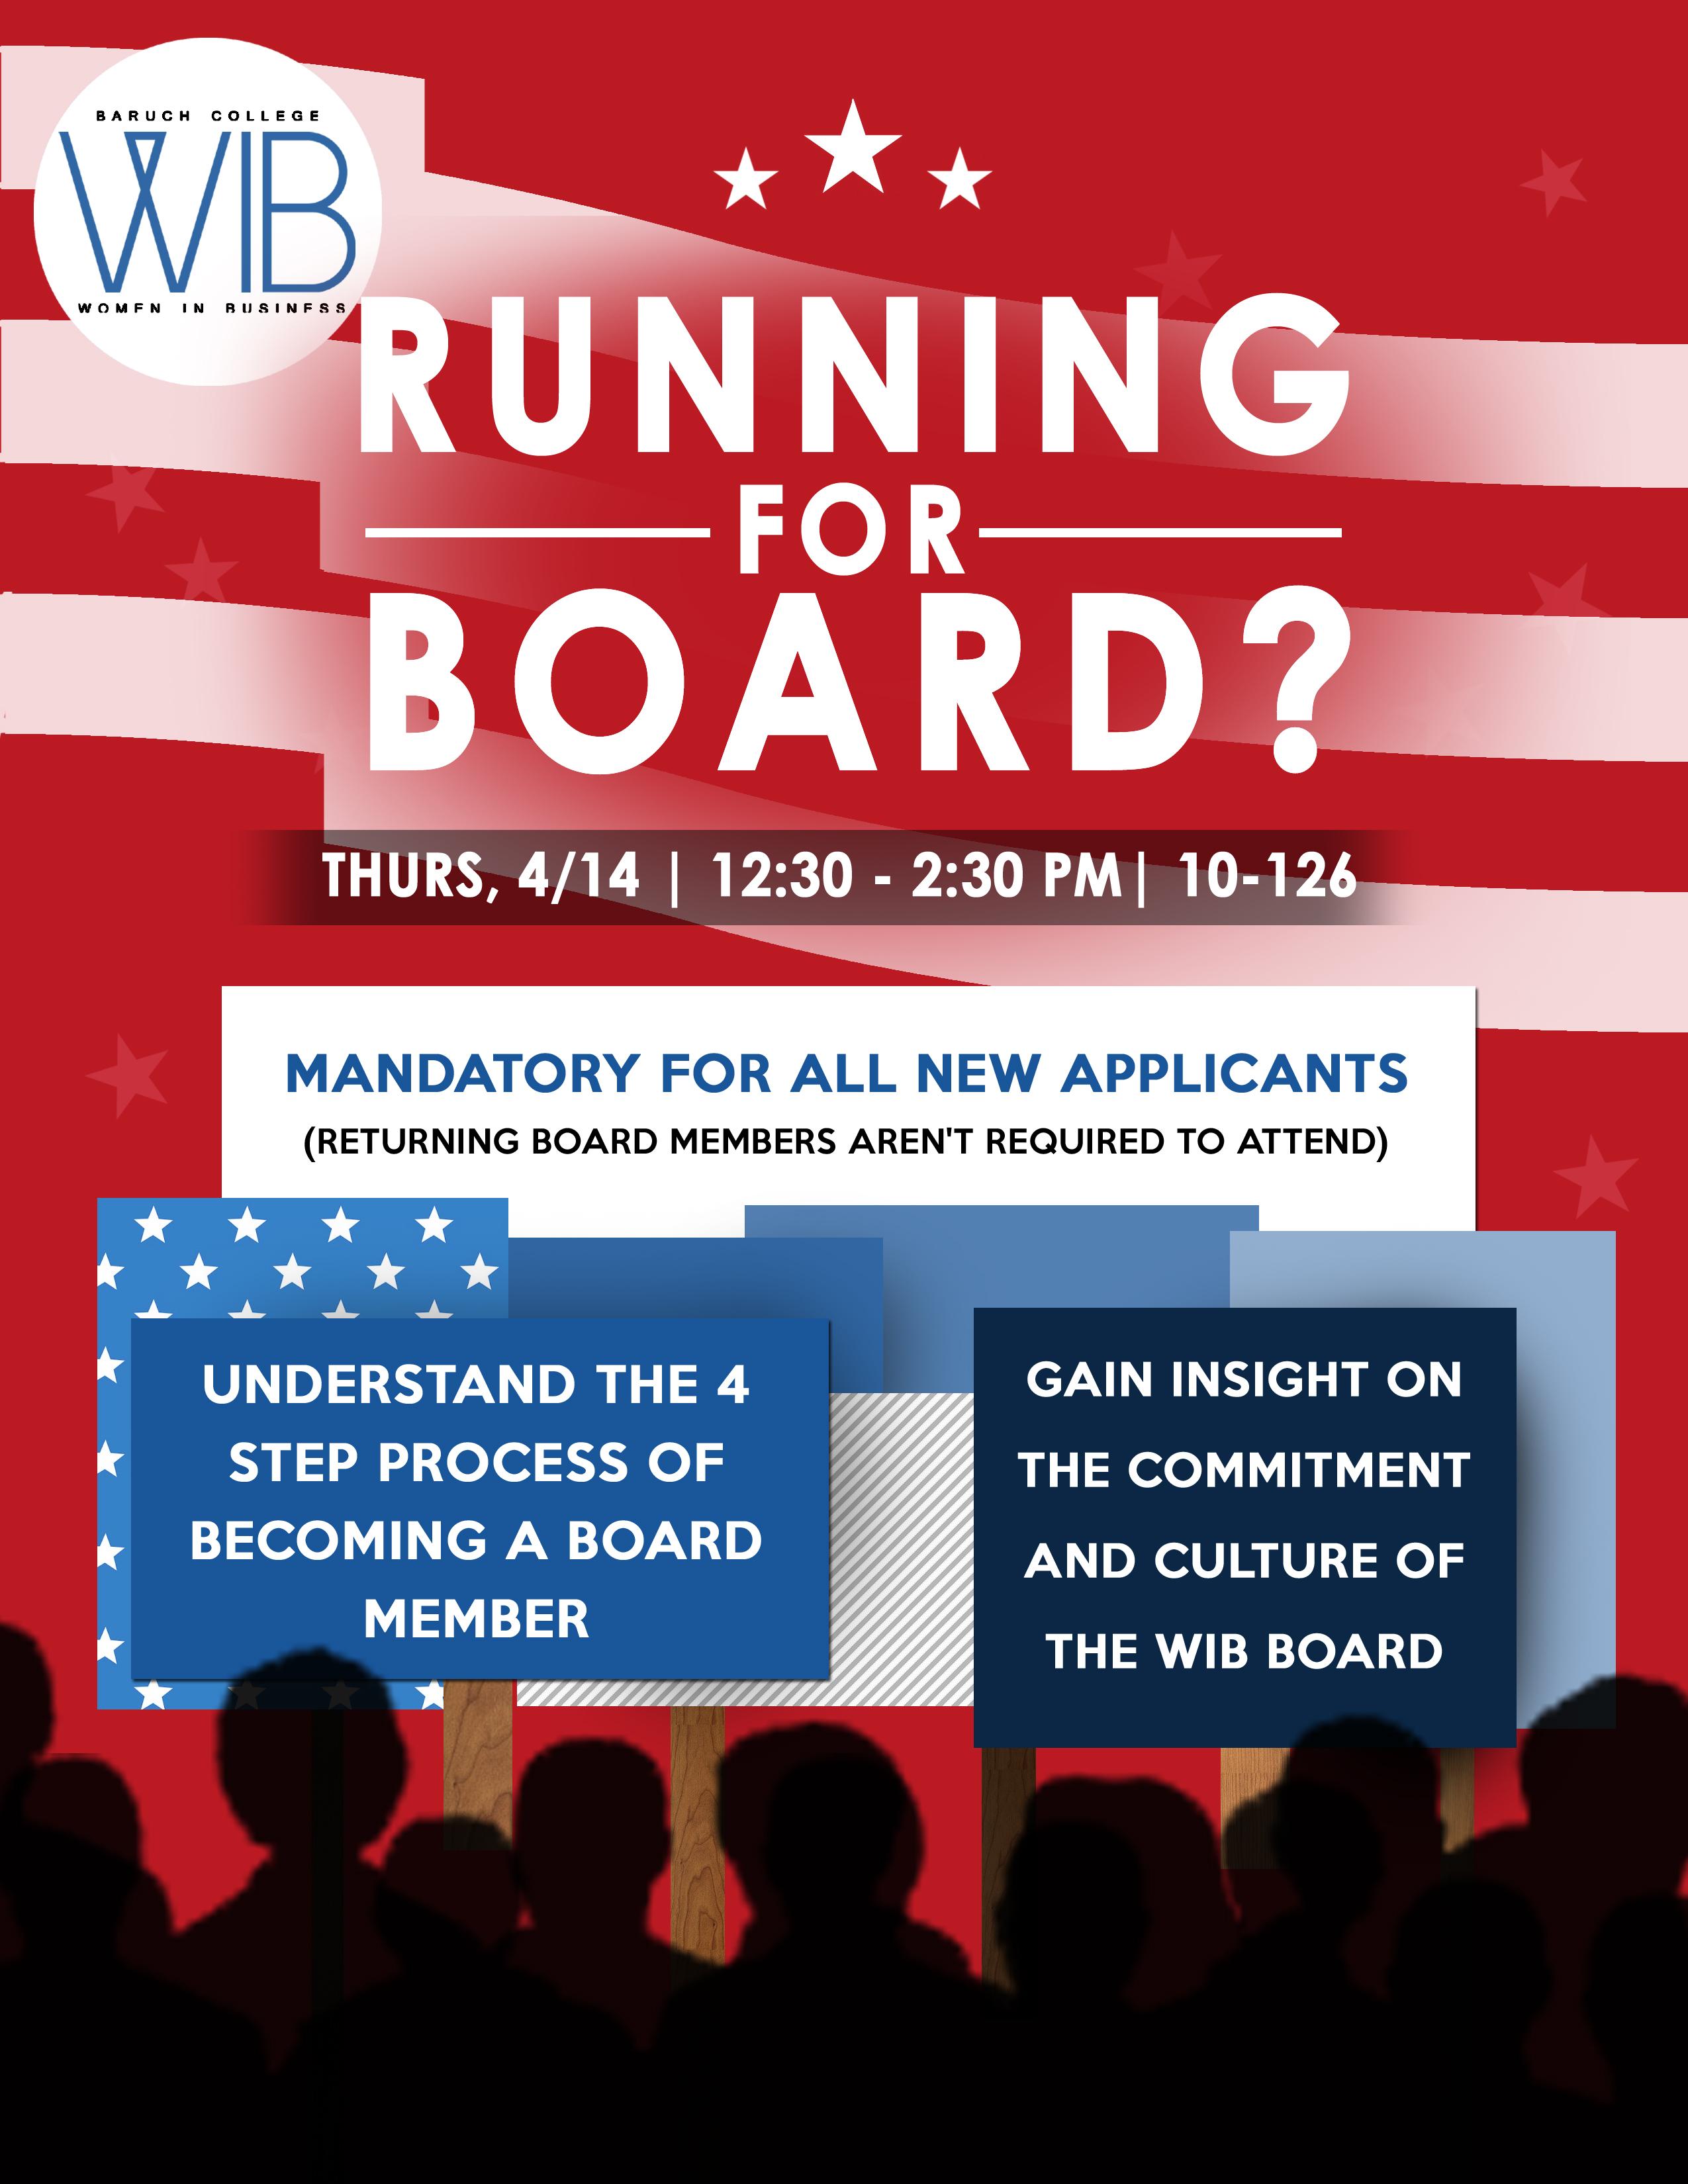 Running for Board